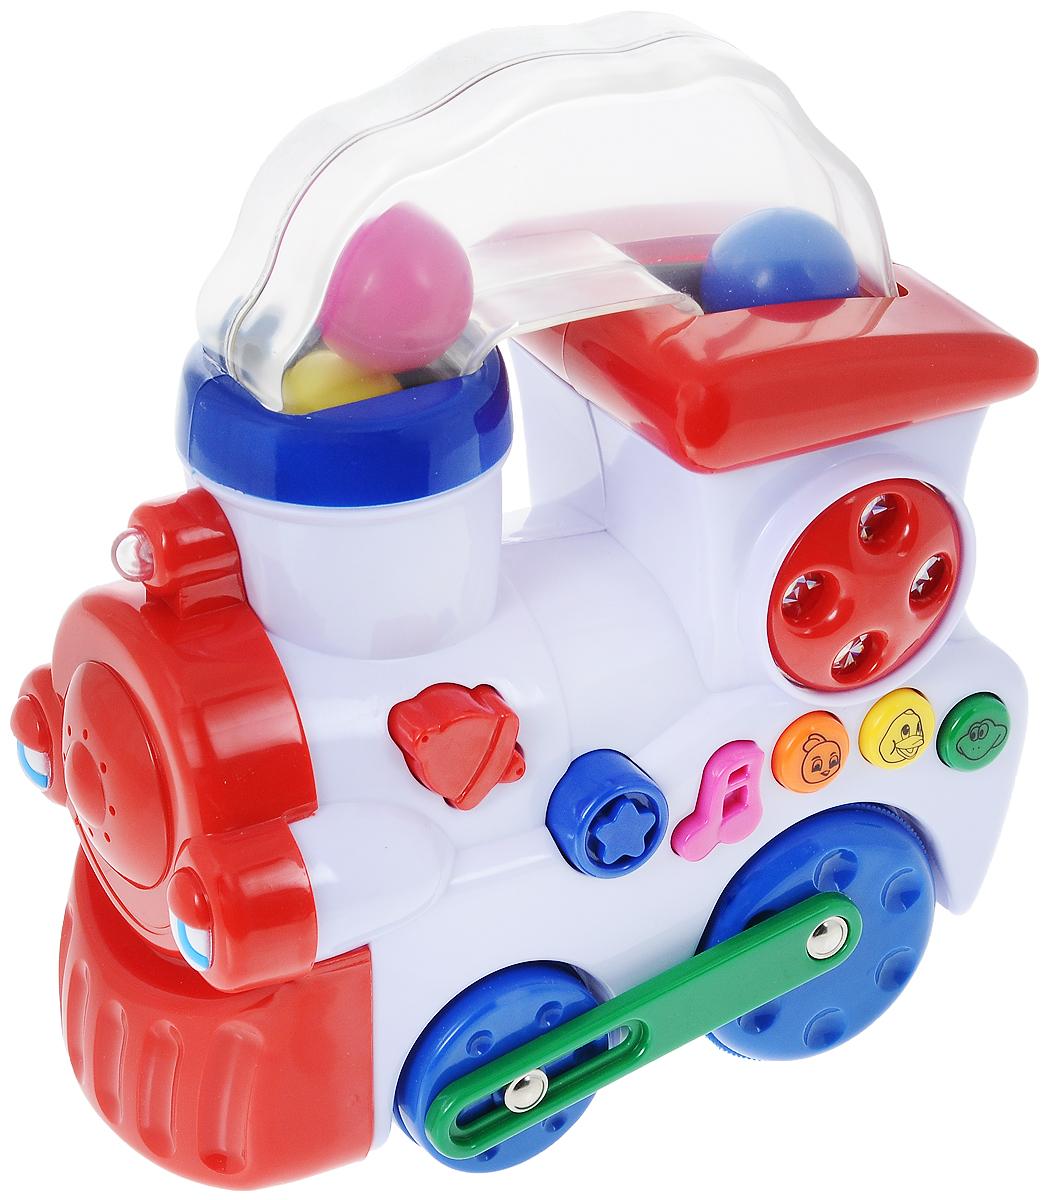 Navystar Развивающая игрушка Музыкальный паровозик65077-TЯркая развивающая игрушка Navystar Музыкальный паровозик - хороший выбор для малышей, ведь игры с ним забавны и познавательны. Паровозик может самостоятельно ездить, для этого ребенку необходимо всего лишь нажать на кнопочку, при этом разноцветные шарики, находящиеся в прозрачной трубе, начинают забавно танцевать. Имеется несколько звуковых и световых эффектов: 3 кнопки с изображением животных (утенок, цыпленок, жаба) - 3 реалистичных животных звука, музыкальная кнопка - 8 небольших мелодий. При движении паровозика светятся и мигают фары. Такие яркие музыкальные игрушки положительно влияют на развитие у ребенка слухового и цветового восприятия окружающего мира. Рекомендуется докупить 3 батарейки напряжением 1,5V типа АА (товар комплектуется демонстрационными).